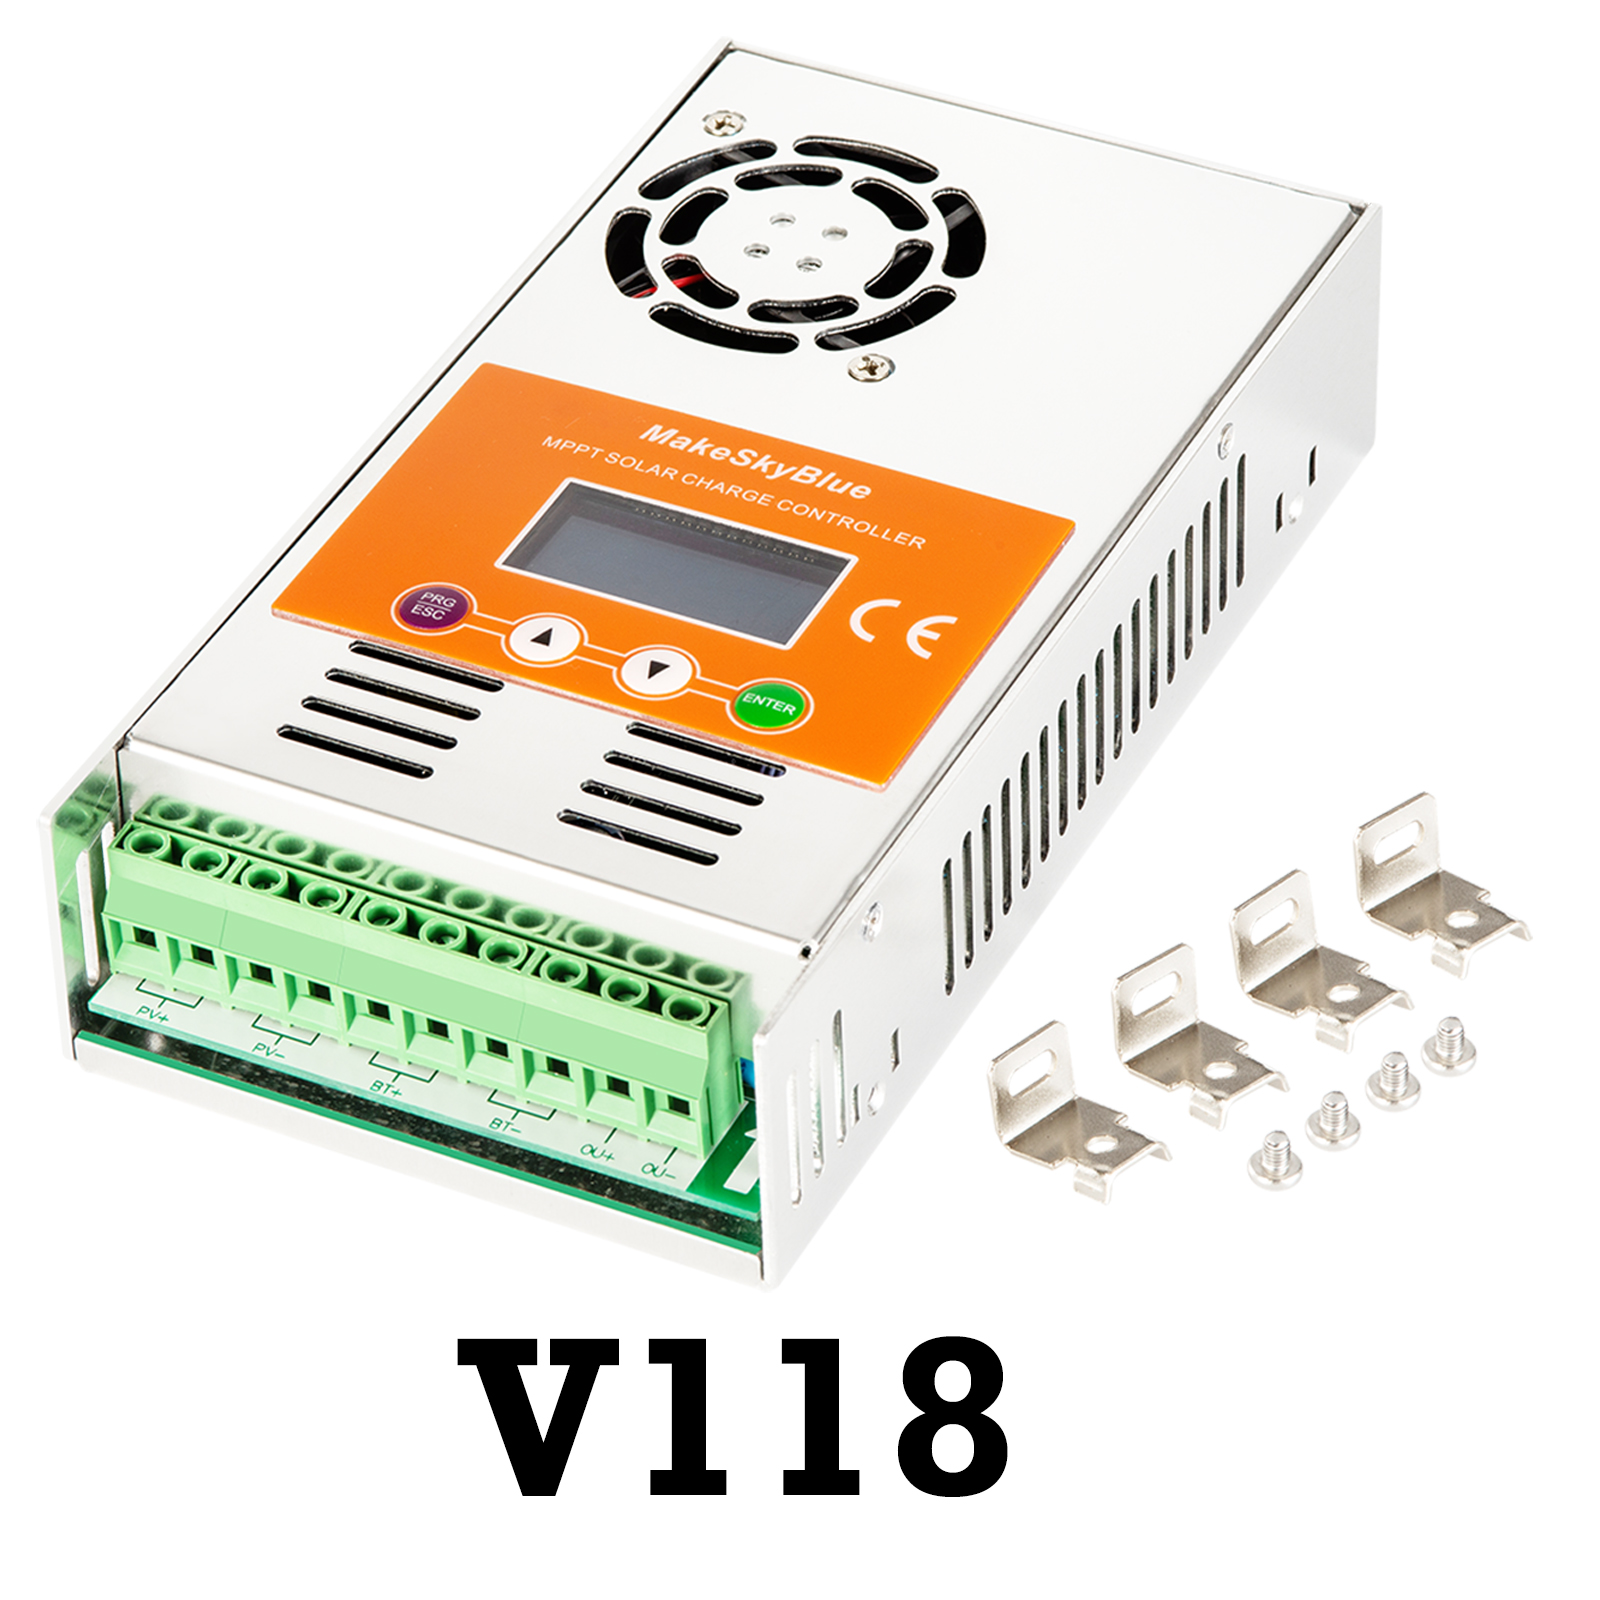 MPPT Controlador de Carga Solar Regulador De Energia para 12 60A-V118 MakeSkyBlue V 24 V 36 V 48 V Gel de Ácido de Chumbo bateria De Lítio LiFePO4 LCD